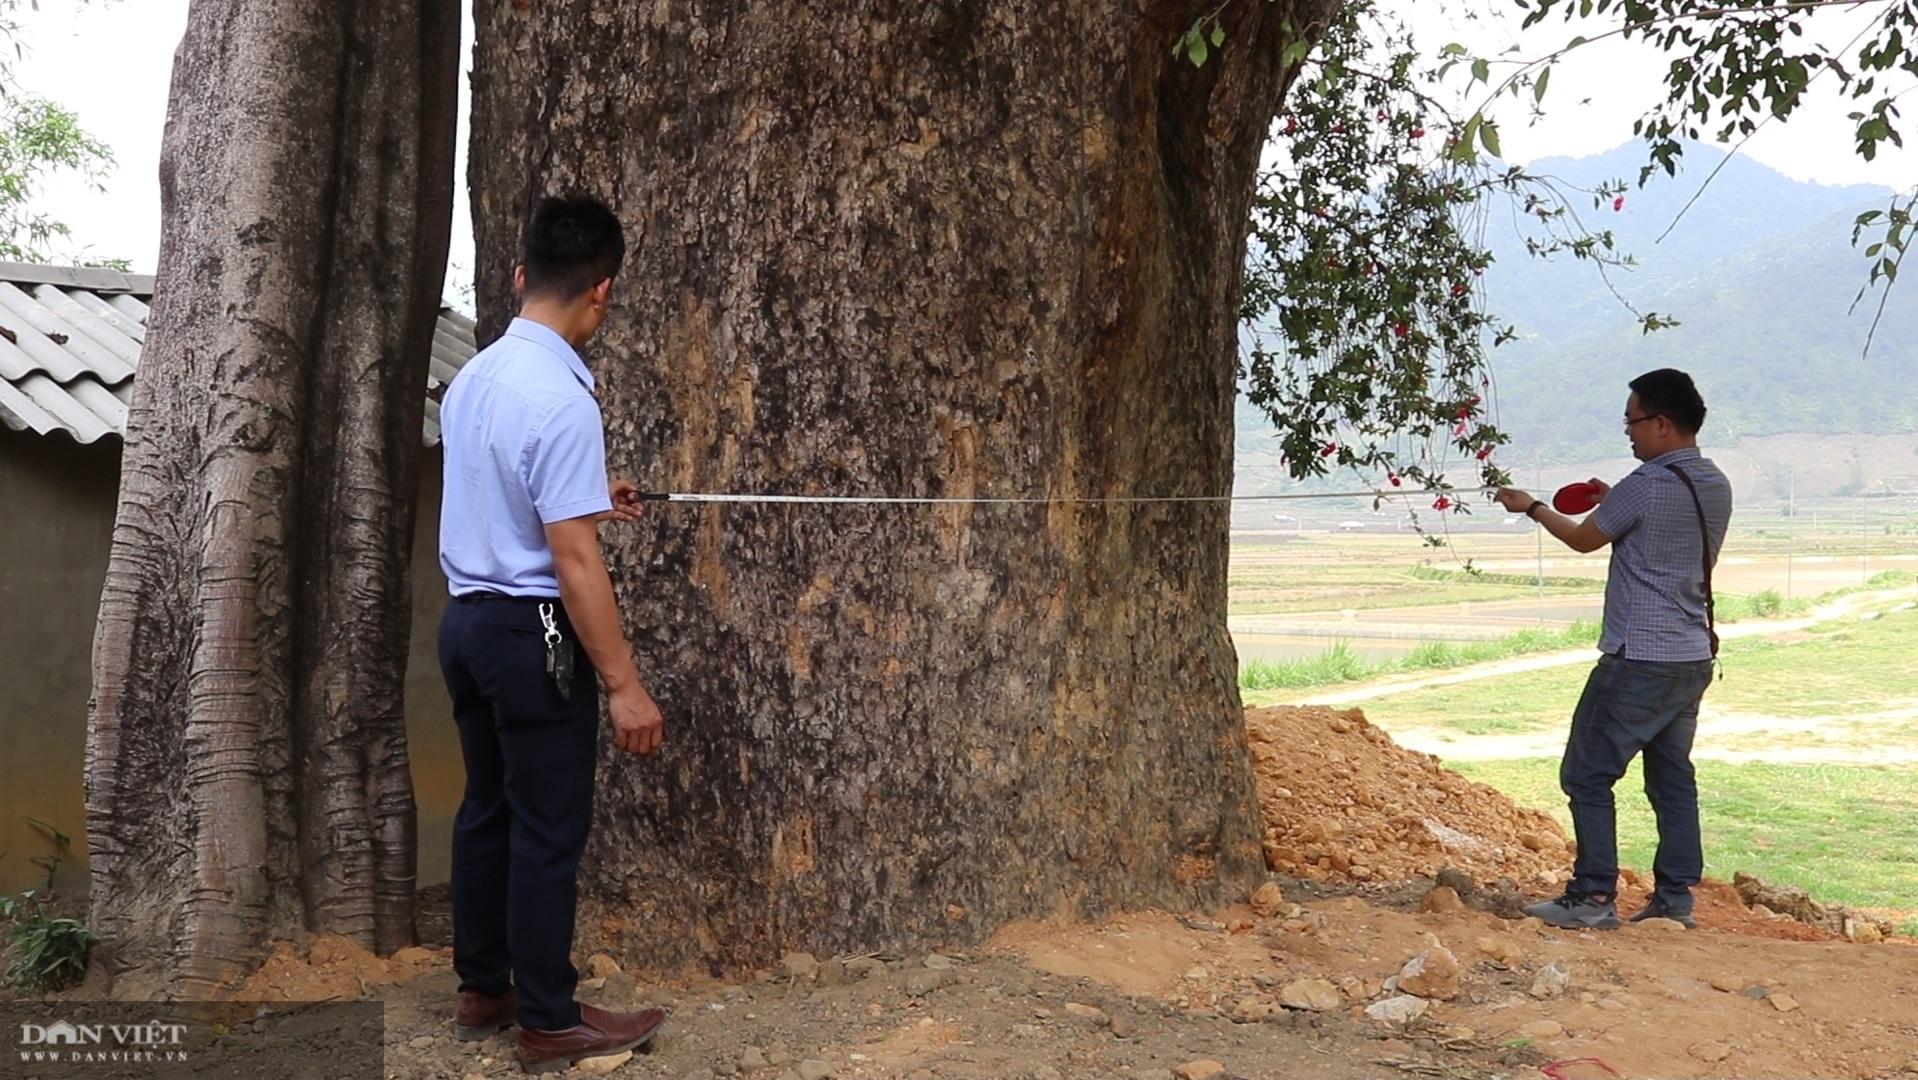 """""""Thần cây"""" khổng lồ nghìn năm tuổi – tượng đài sống của người dân Ngọc Chiến - Ảnh 5."""